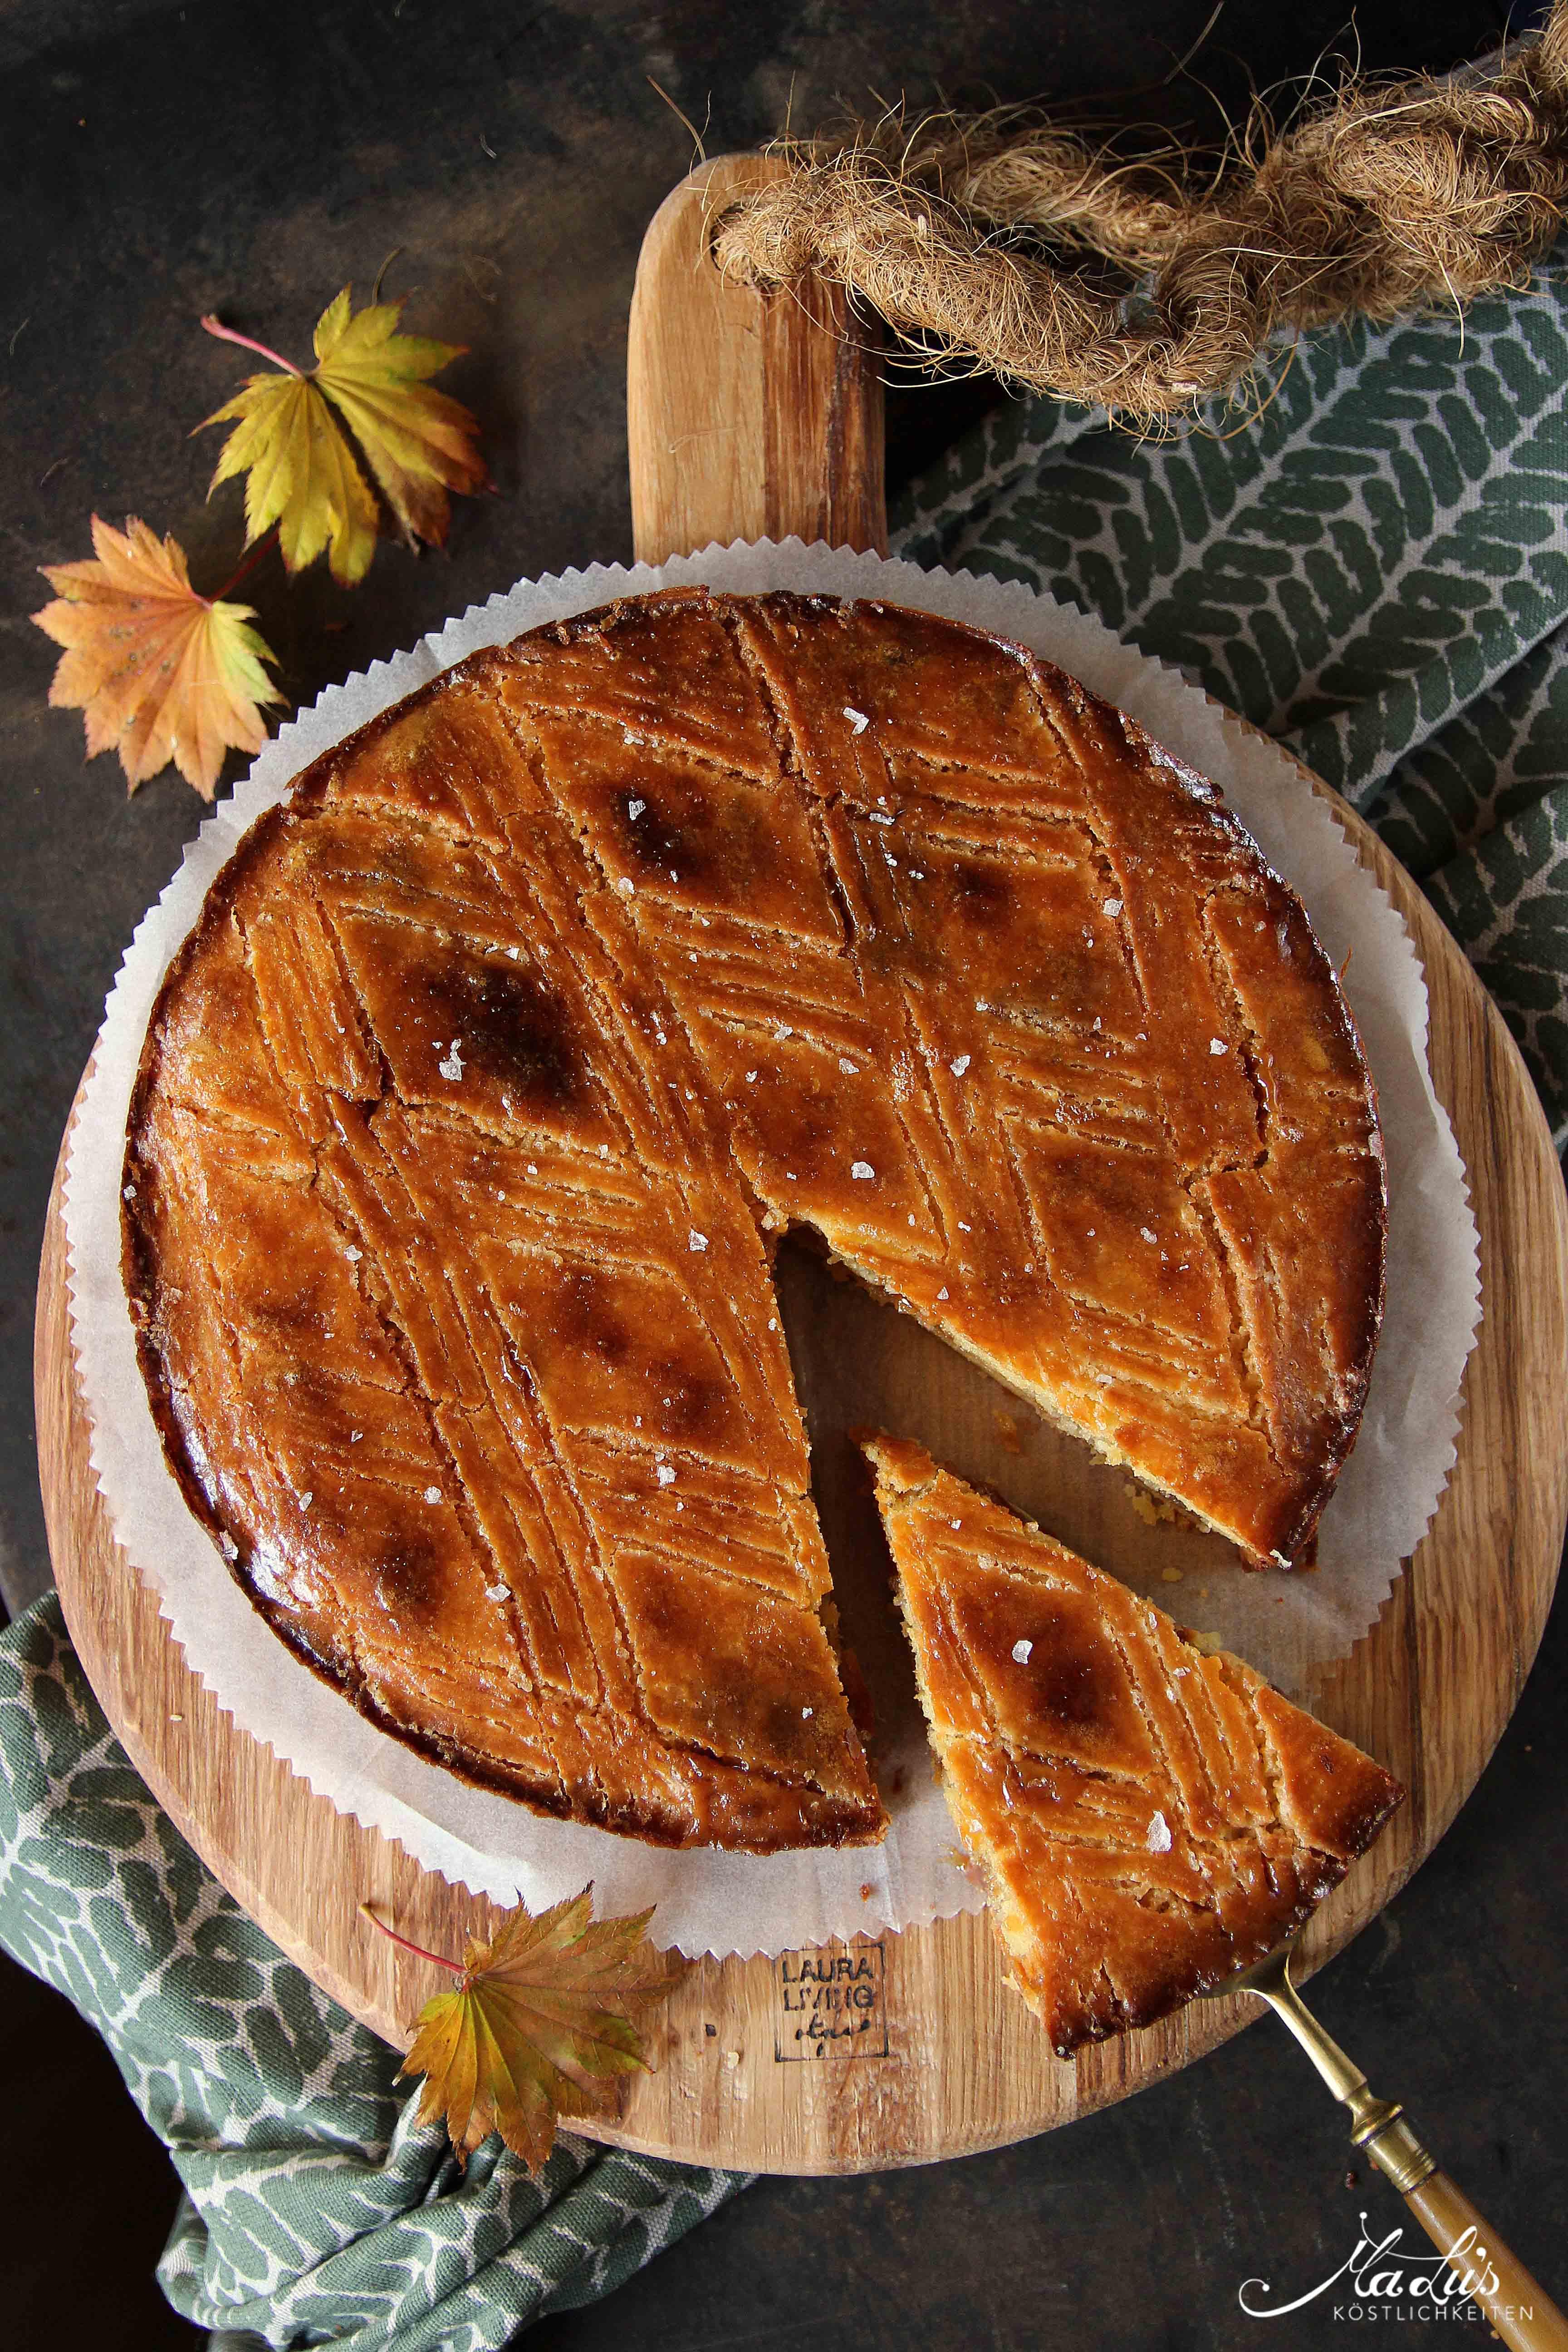 Gâteau Breton Caramel de Christophe Adam